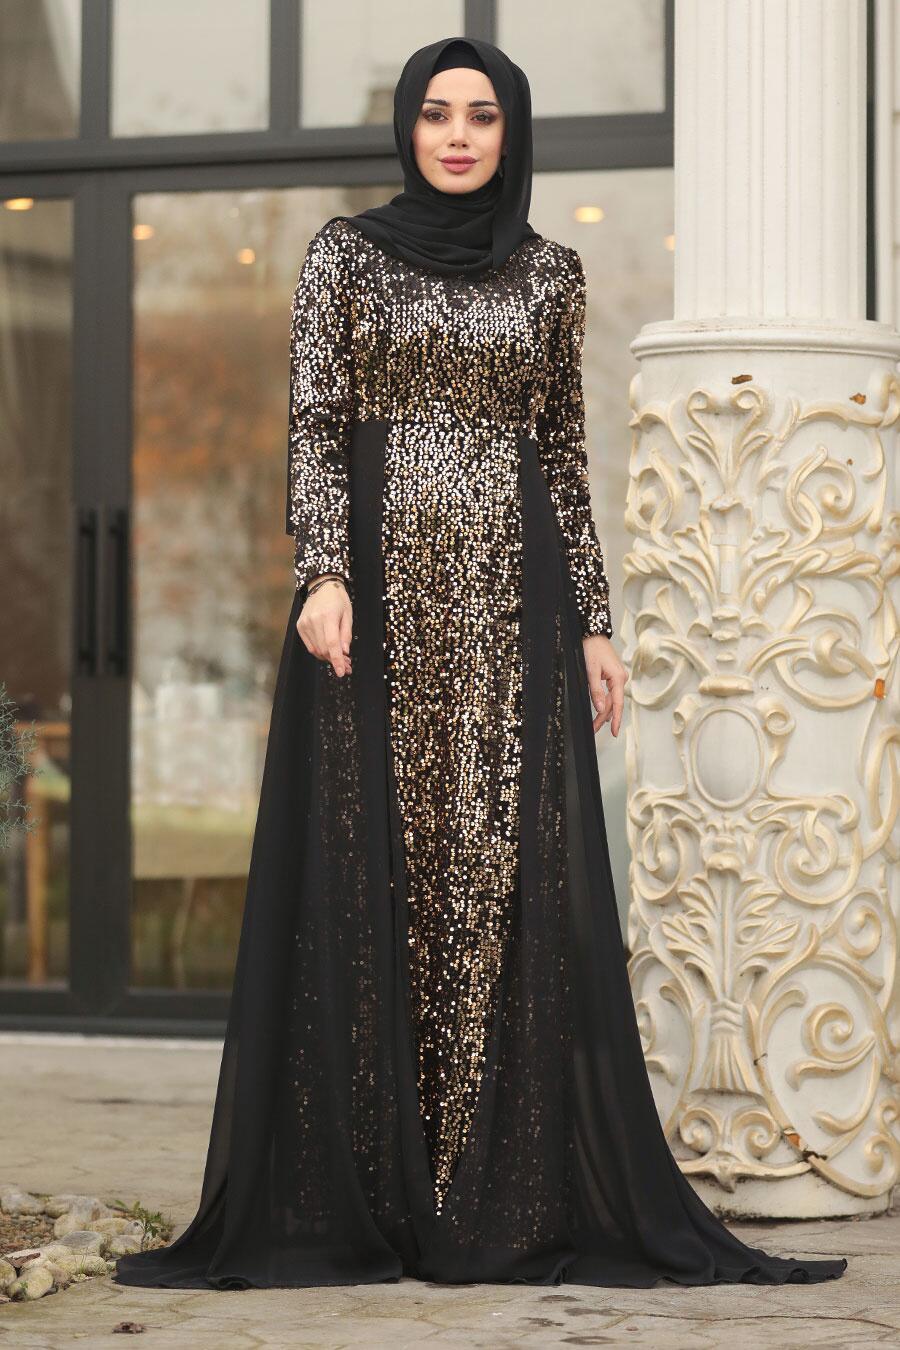 Tesettürlü Abiye Elbise - Pullu Gold Tesettür Abiye Elbise 8710GOLD